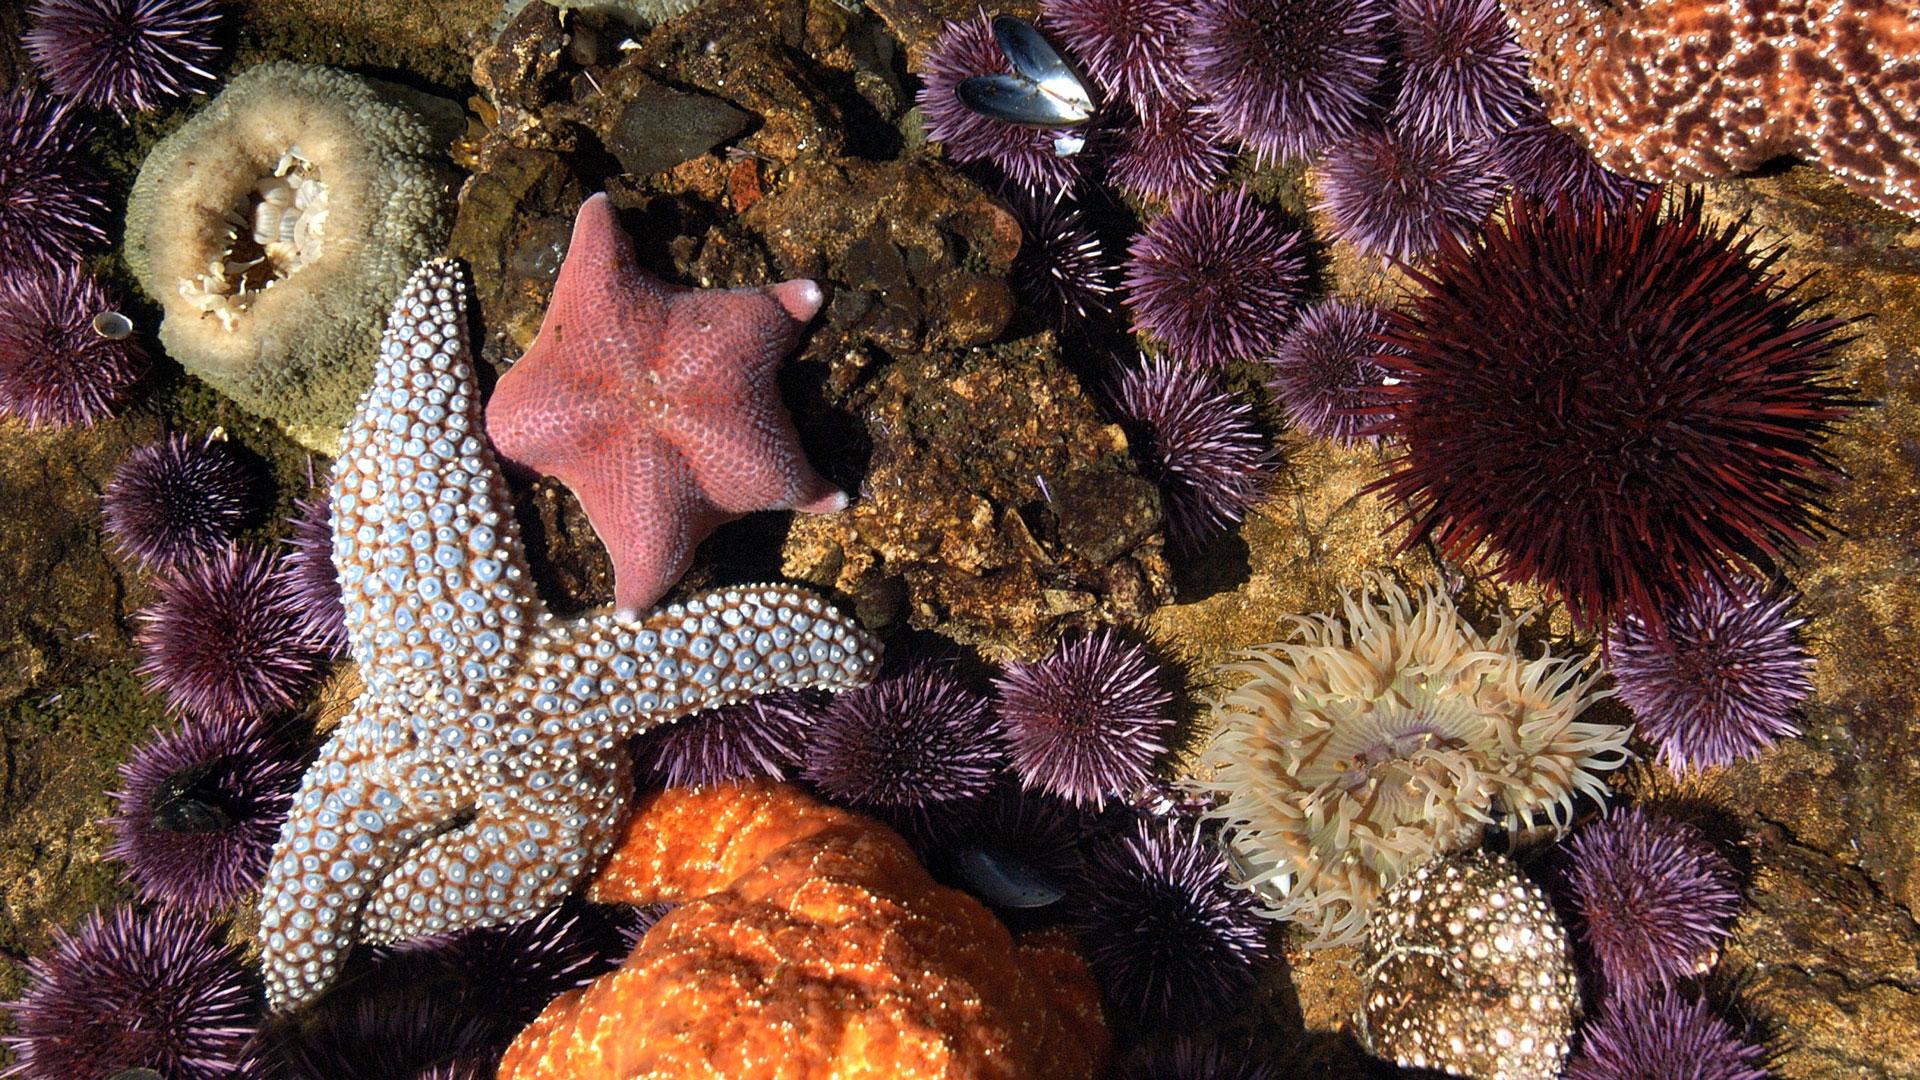 Tidepool Marine Life